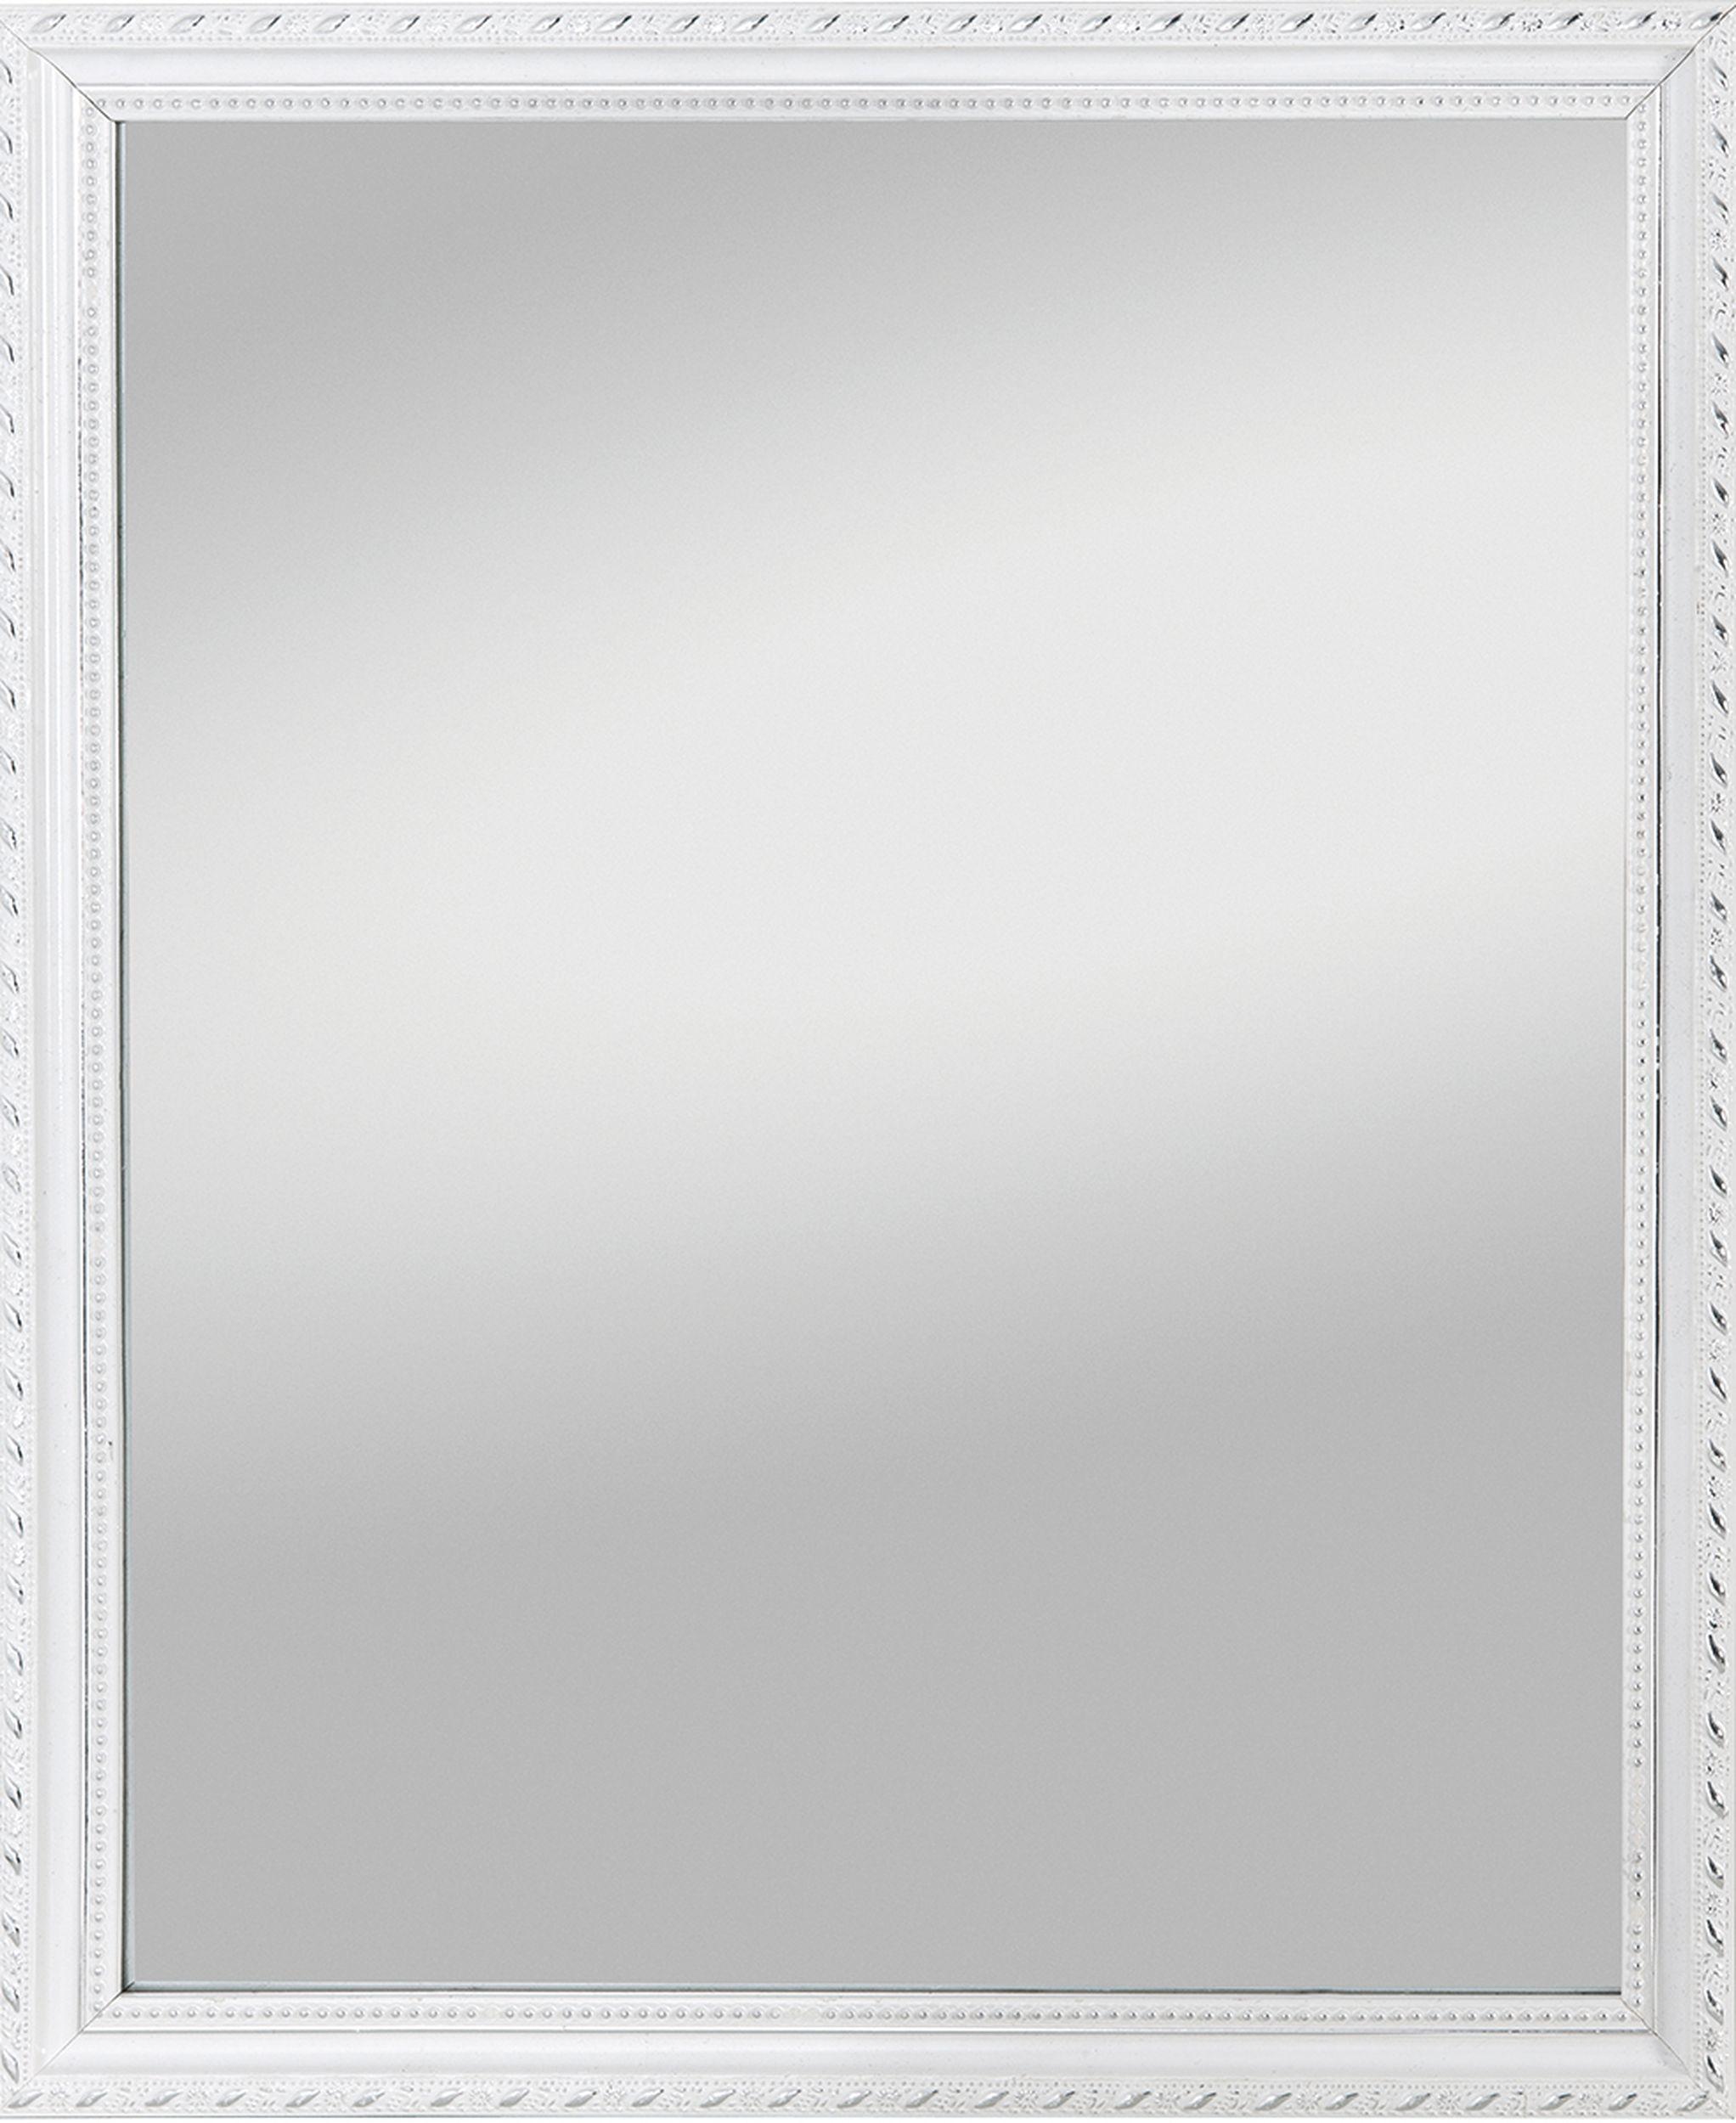 Rahmenspiegel 35x125cm  LISA